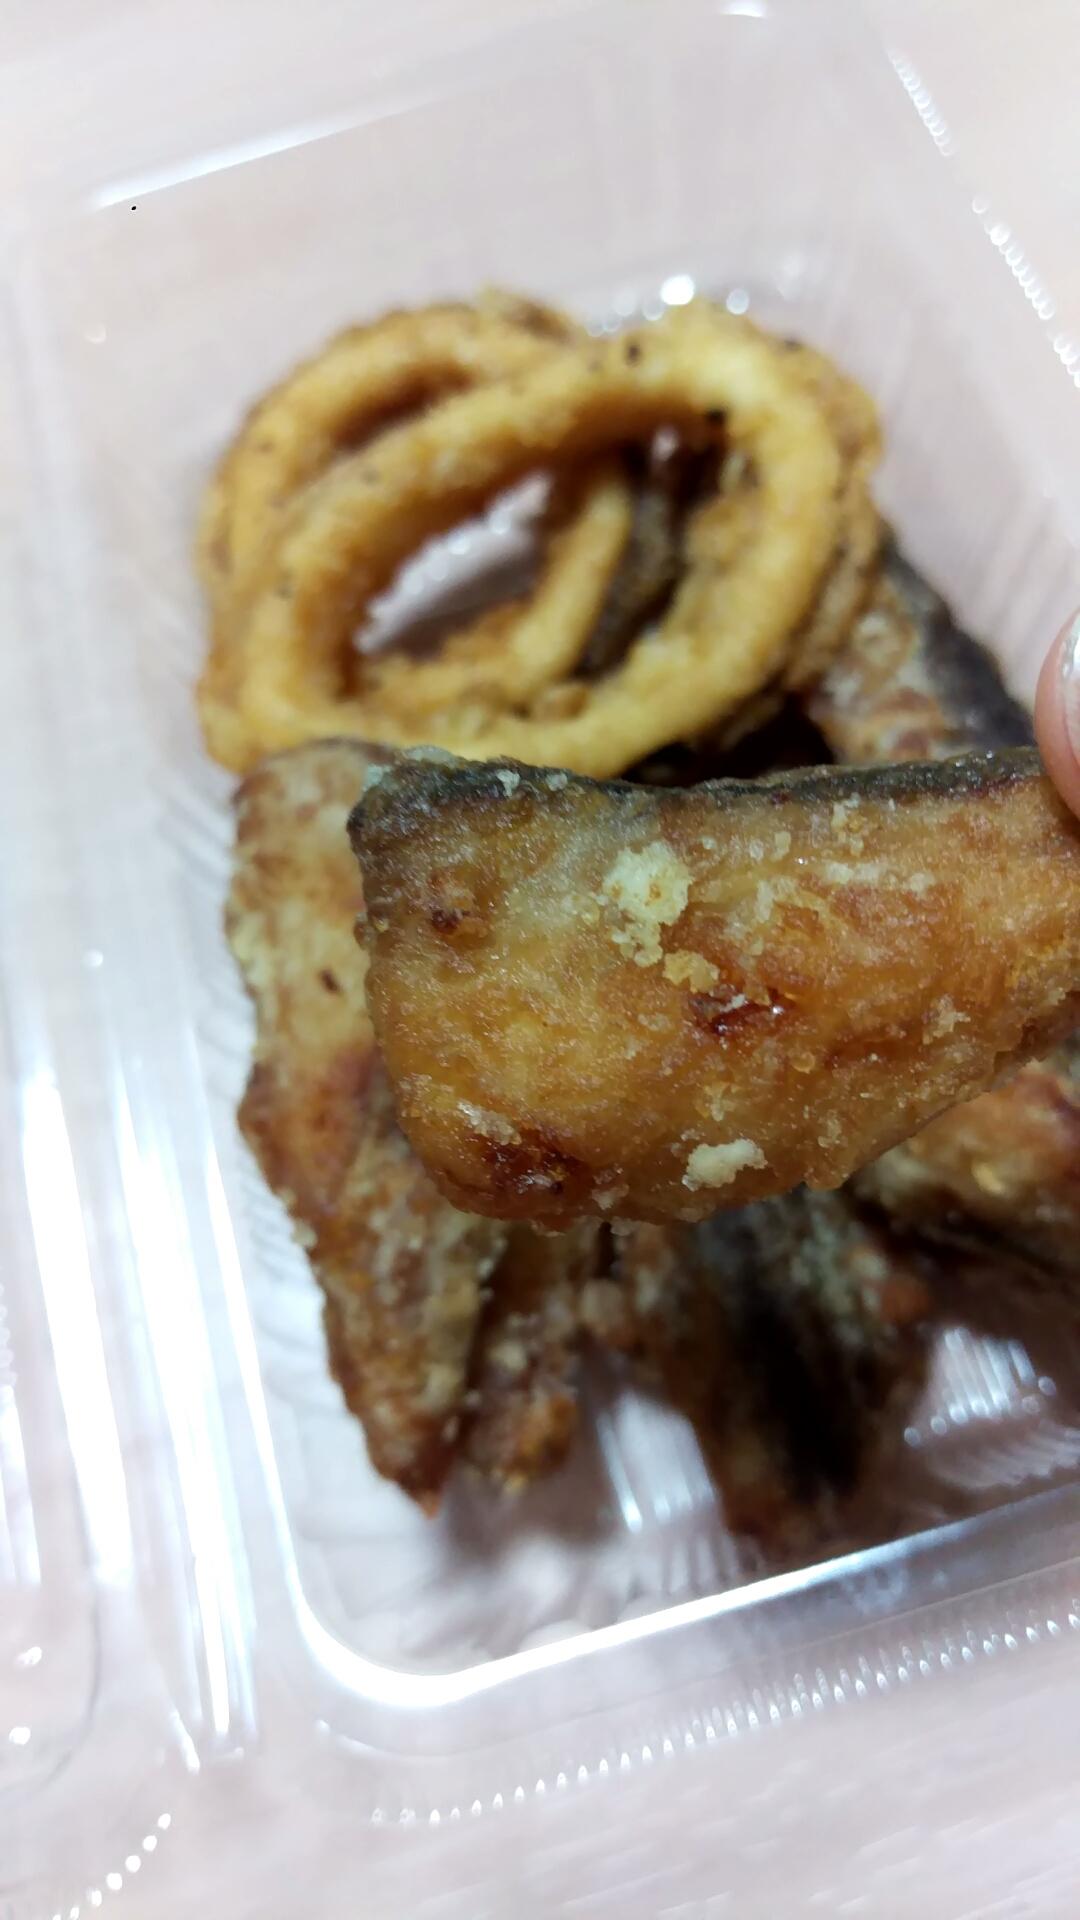 この鯖の唐揚げも、旨味が凝縮されていて実に美味